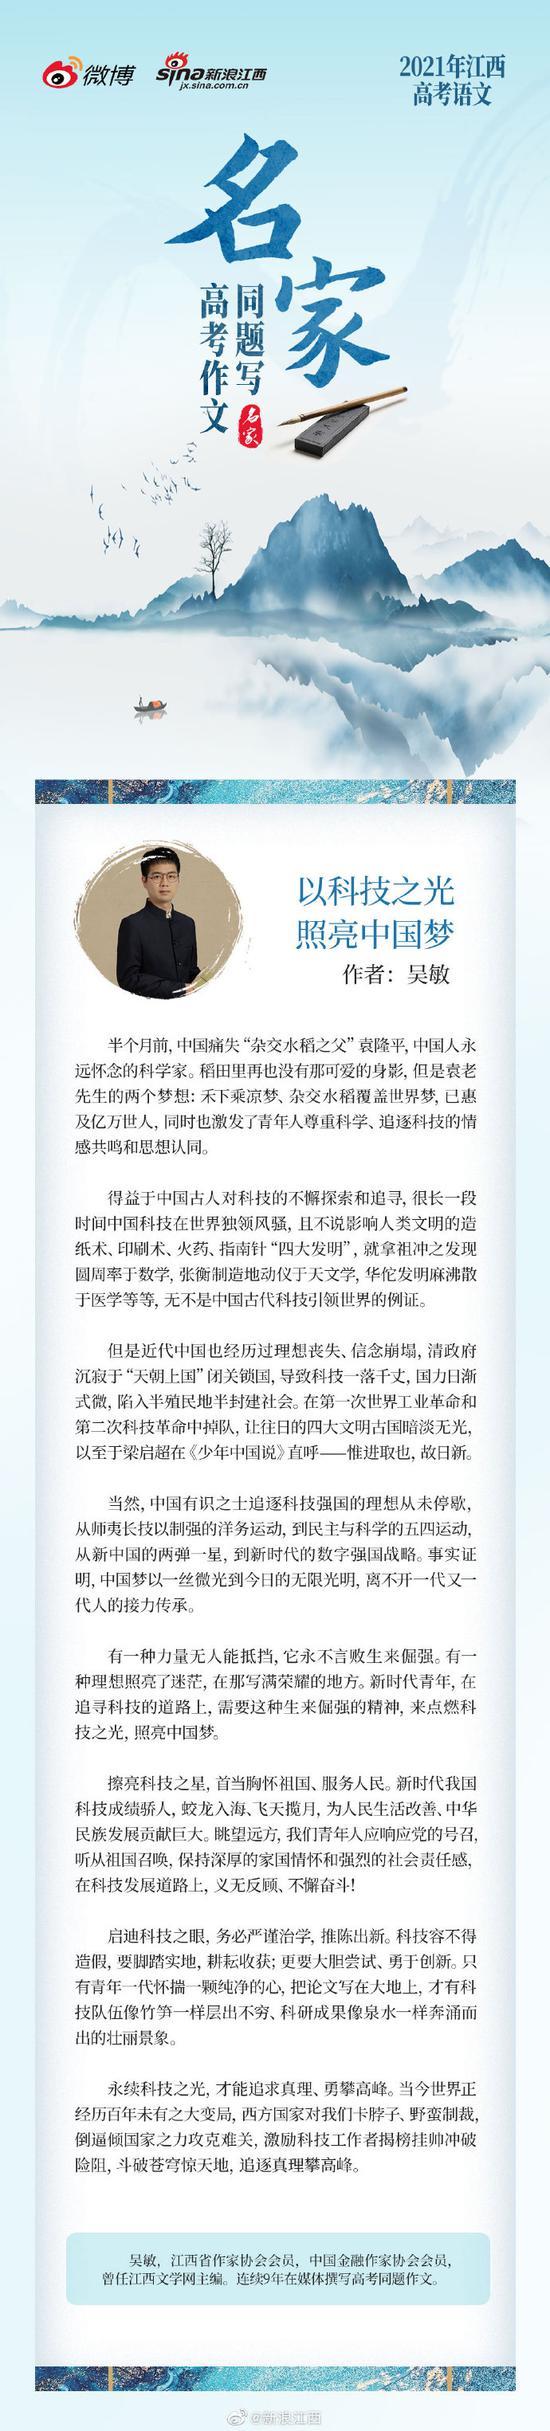 名家同题写高考作文!吴敏:以科技之光 照亮中国梦